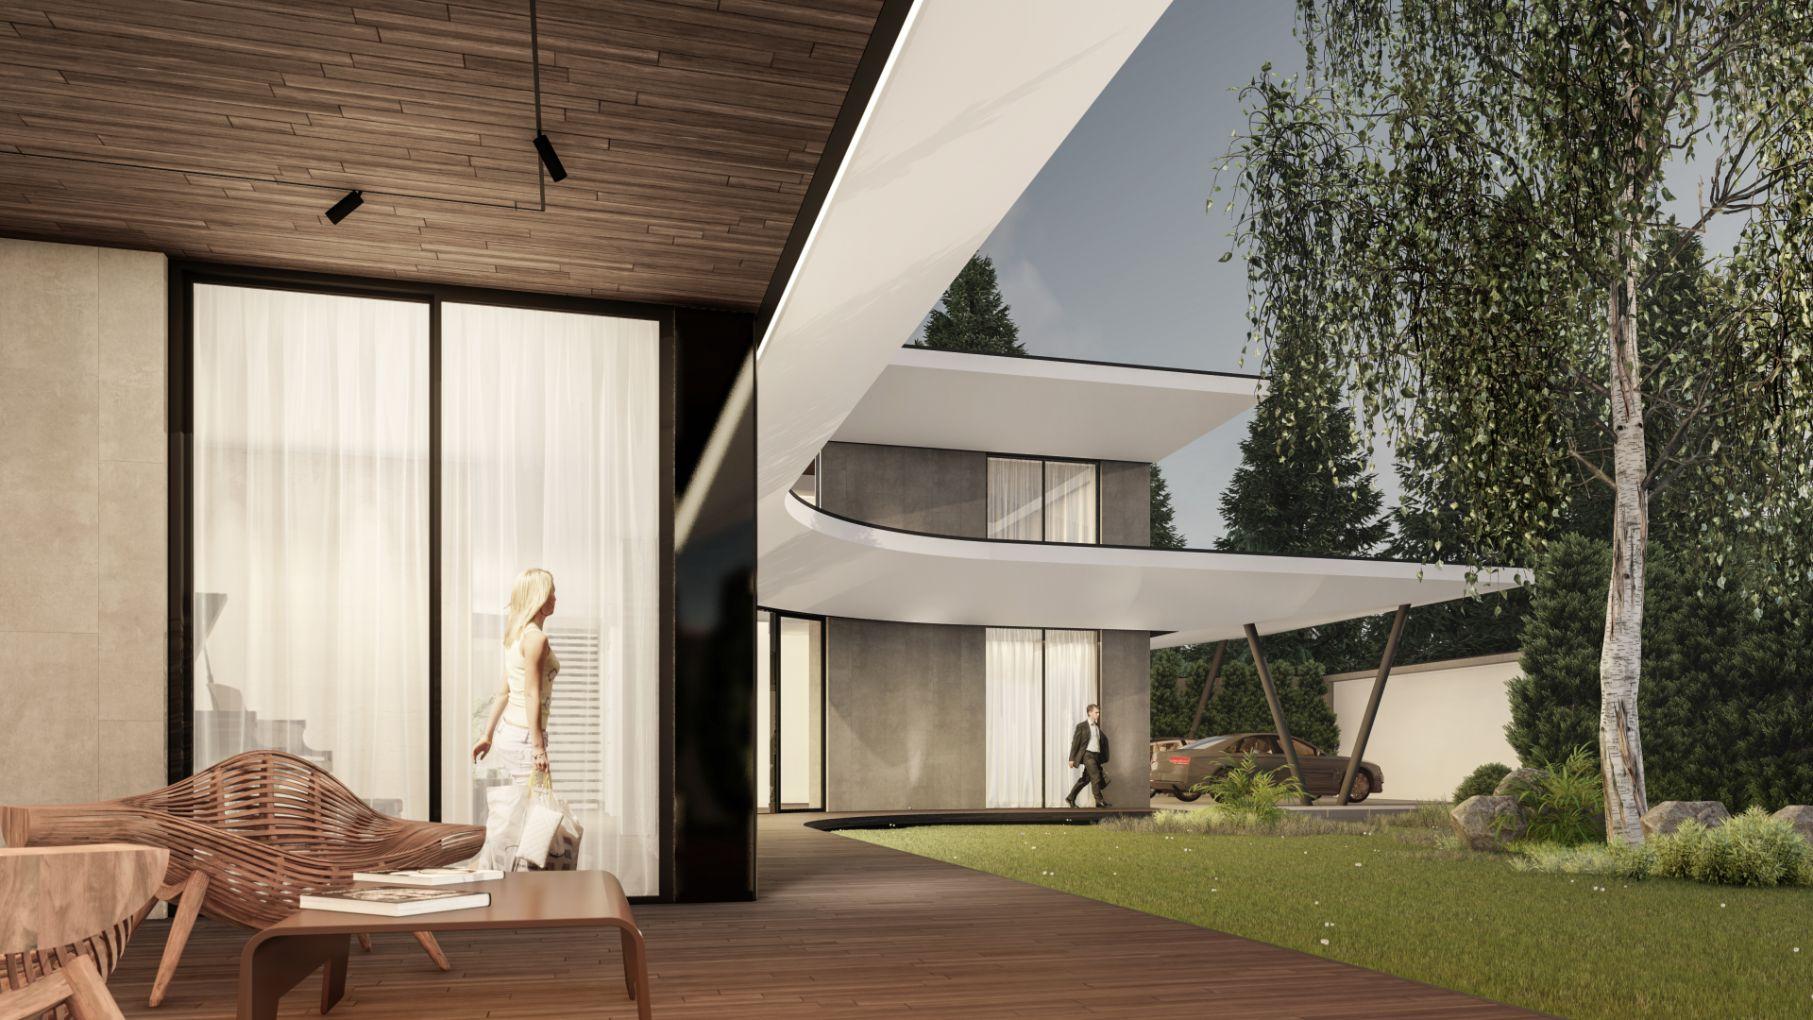 Proiect de arhitectură de casă cu curi deschise și copertina deschisa de sus